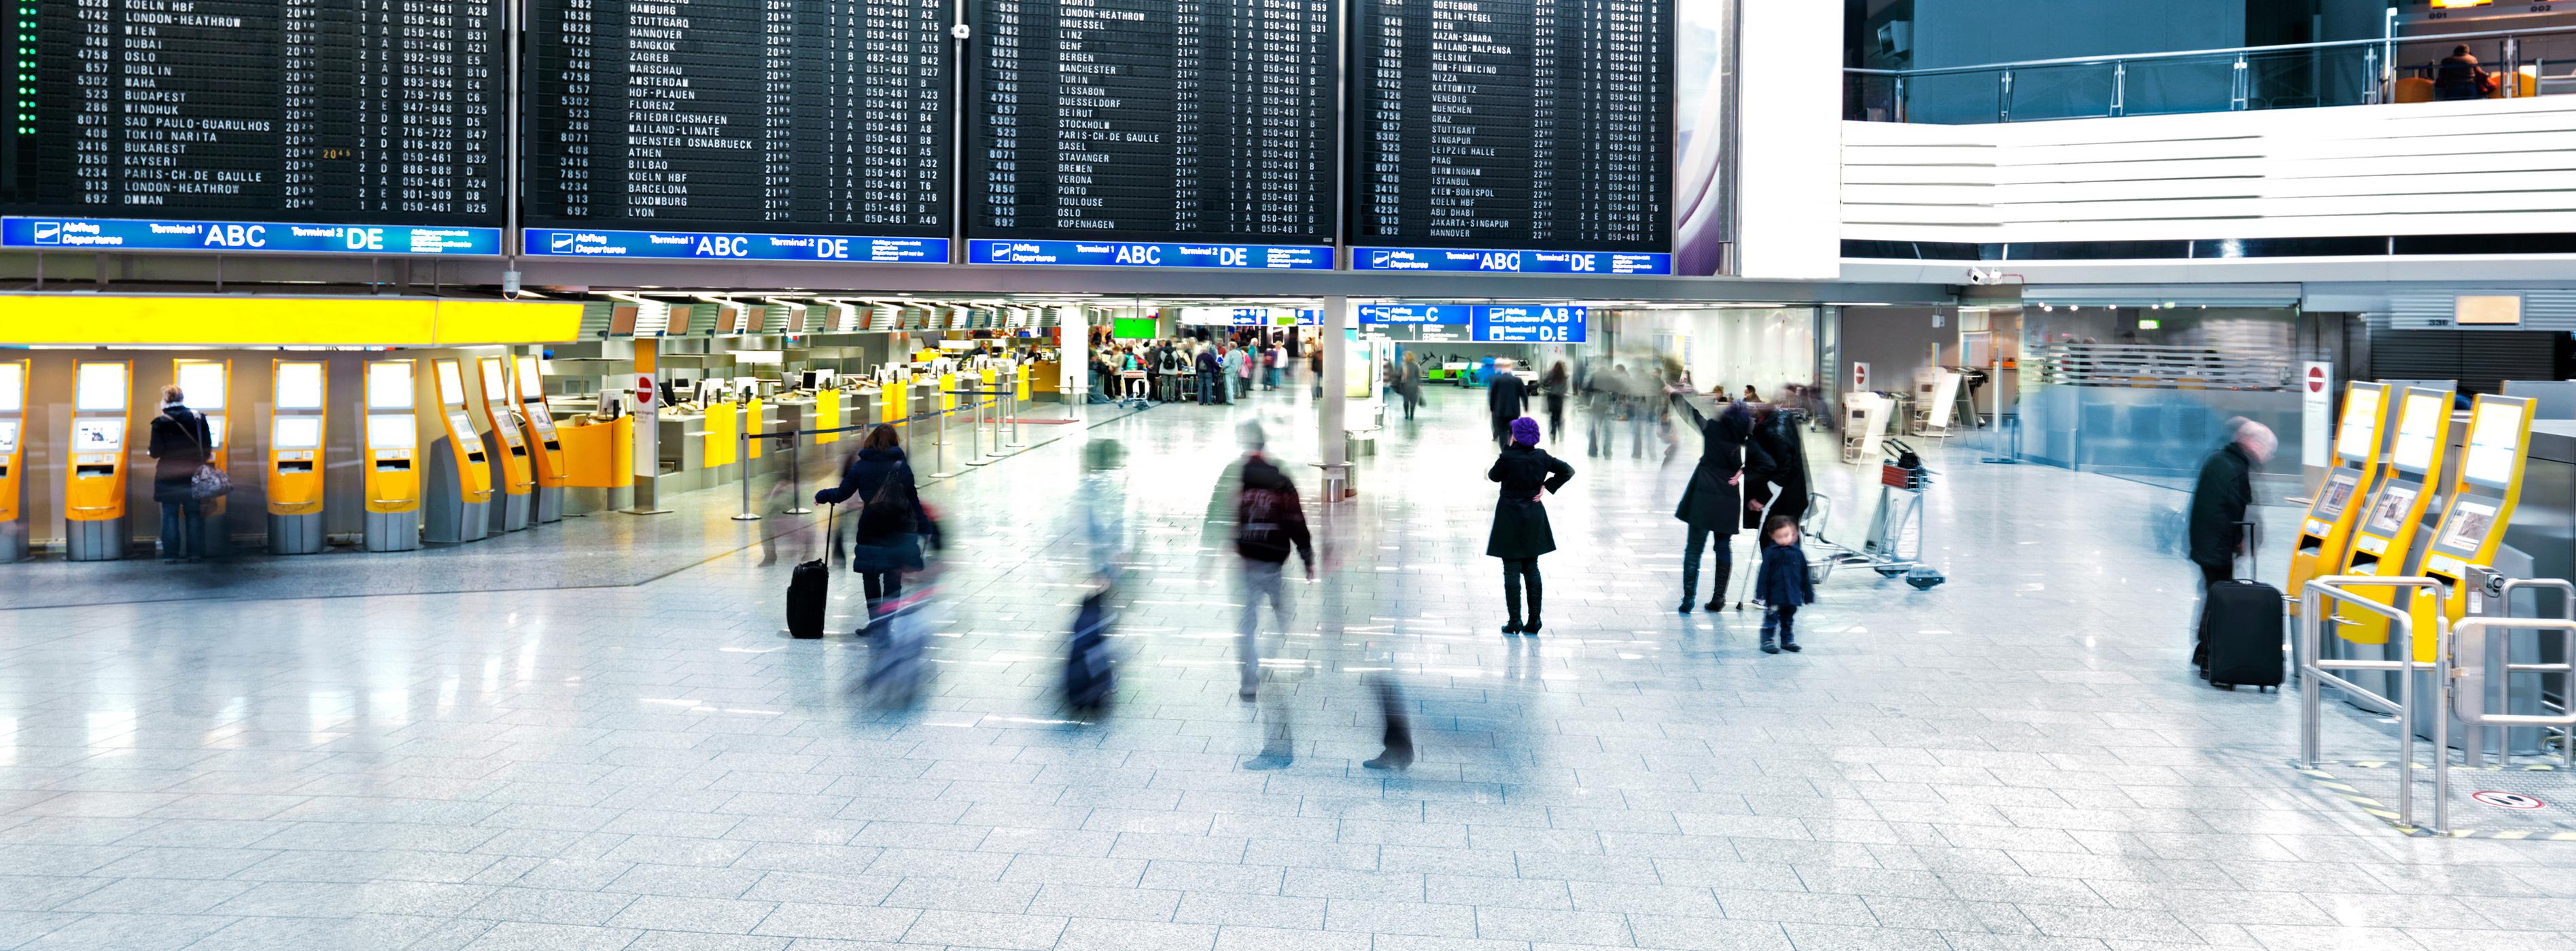 Wartehalle am Frankfurter Flughafen